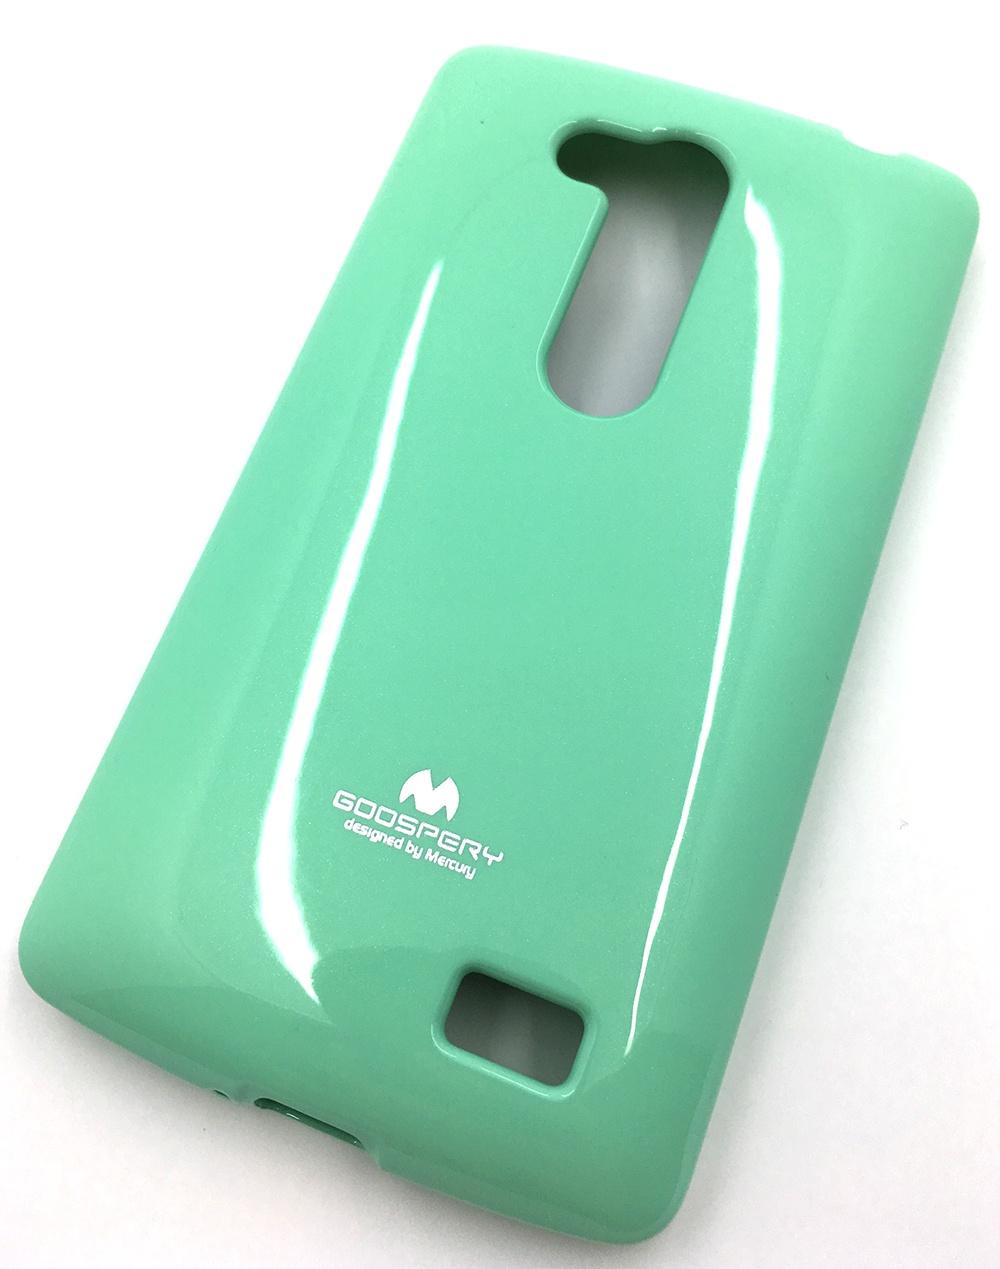 Чехол для сотового телефона Mercury Goospery LG L Fino-D295 Накладка Mercury Jelly Case ламинированный силикон, 18750, светло-зеленый цена